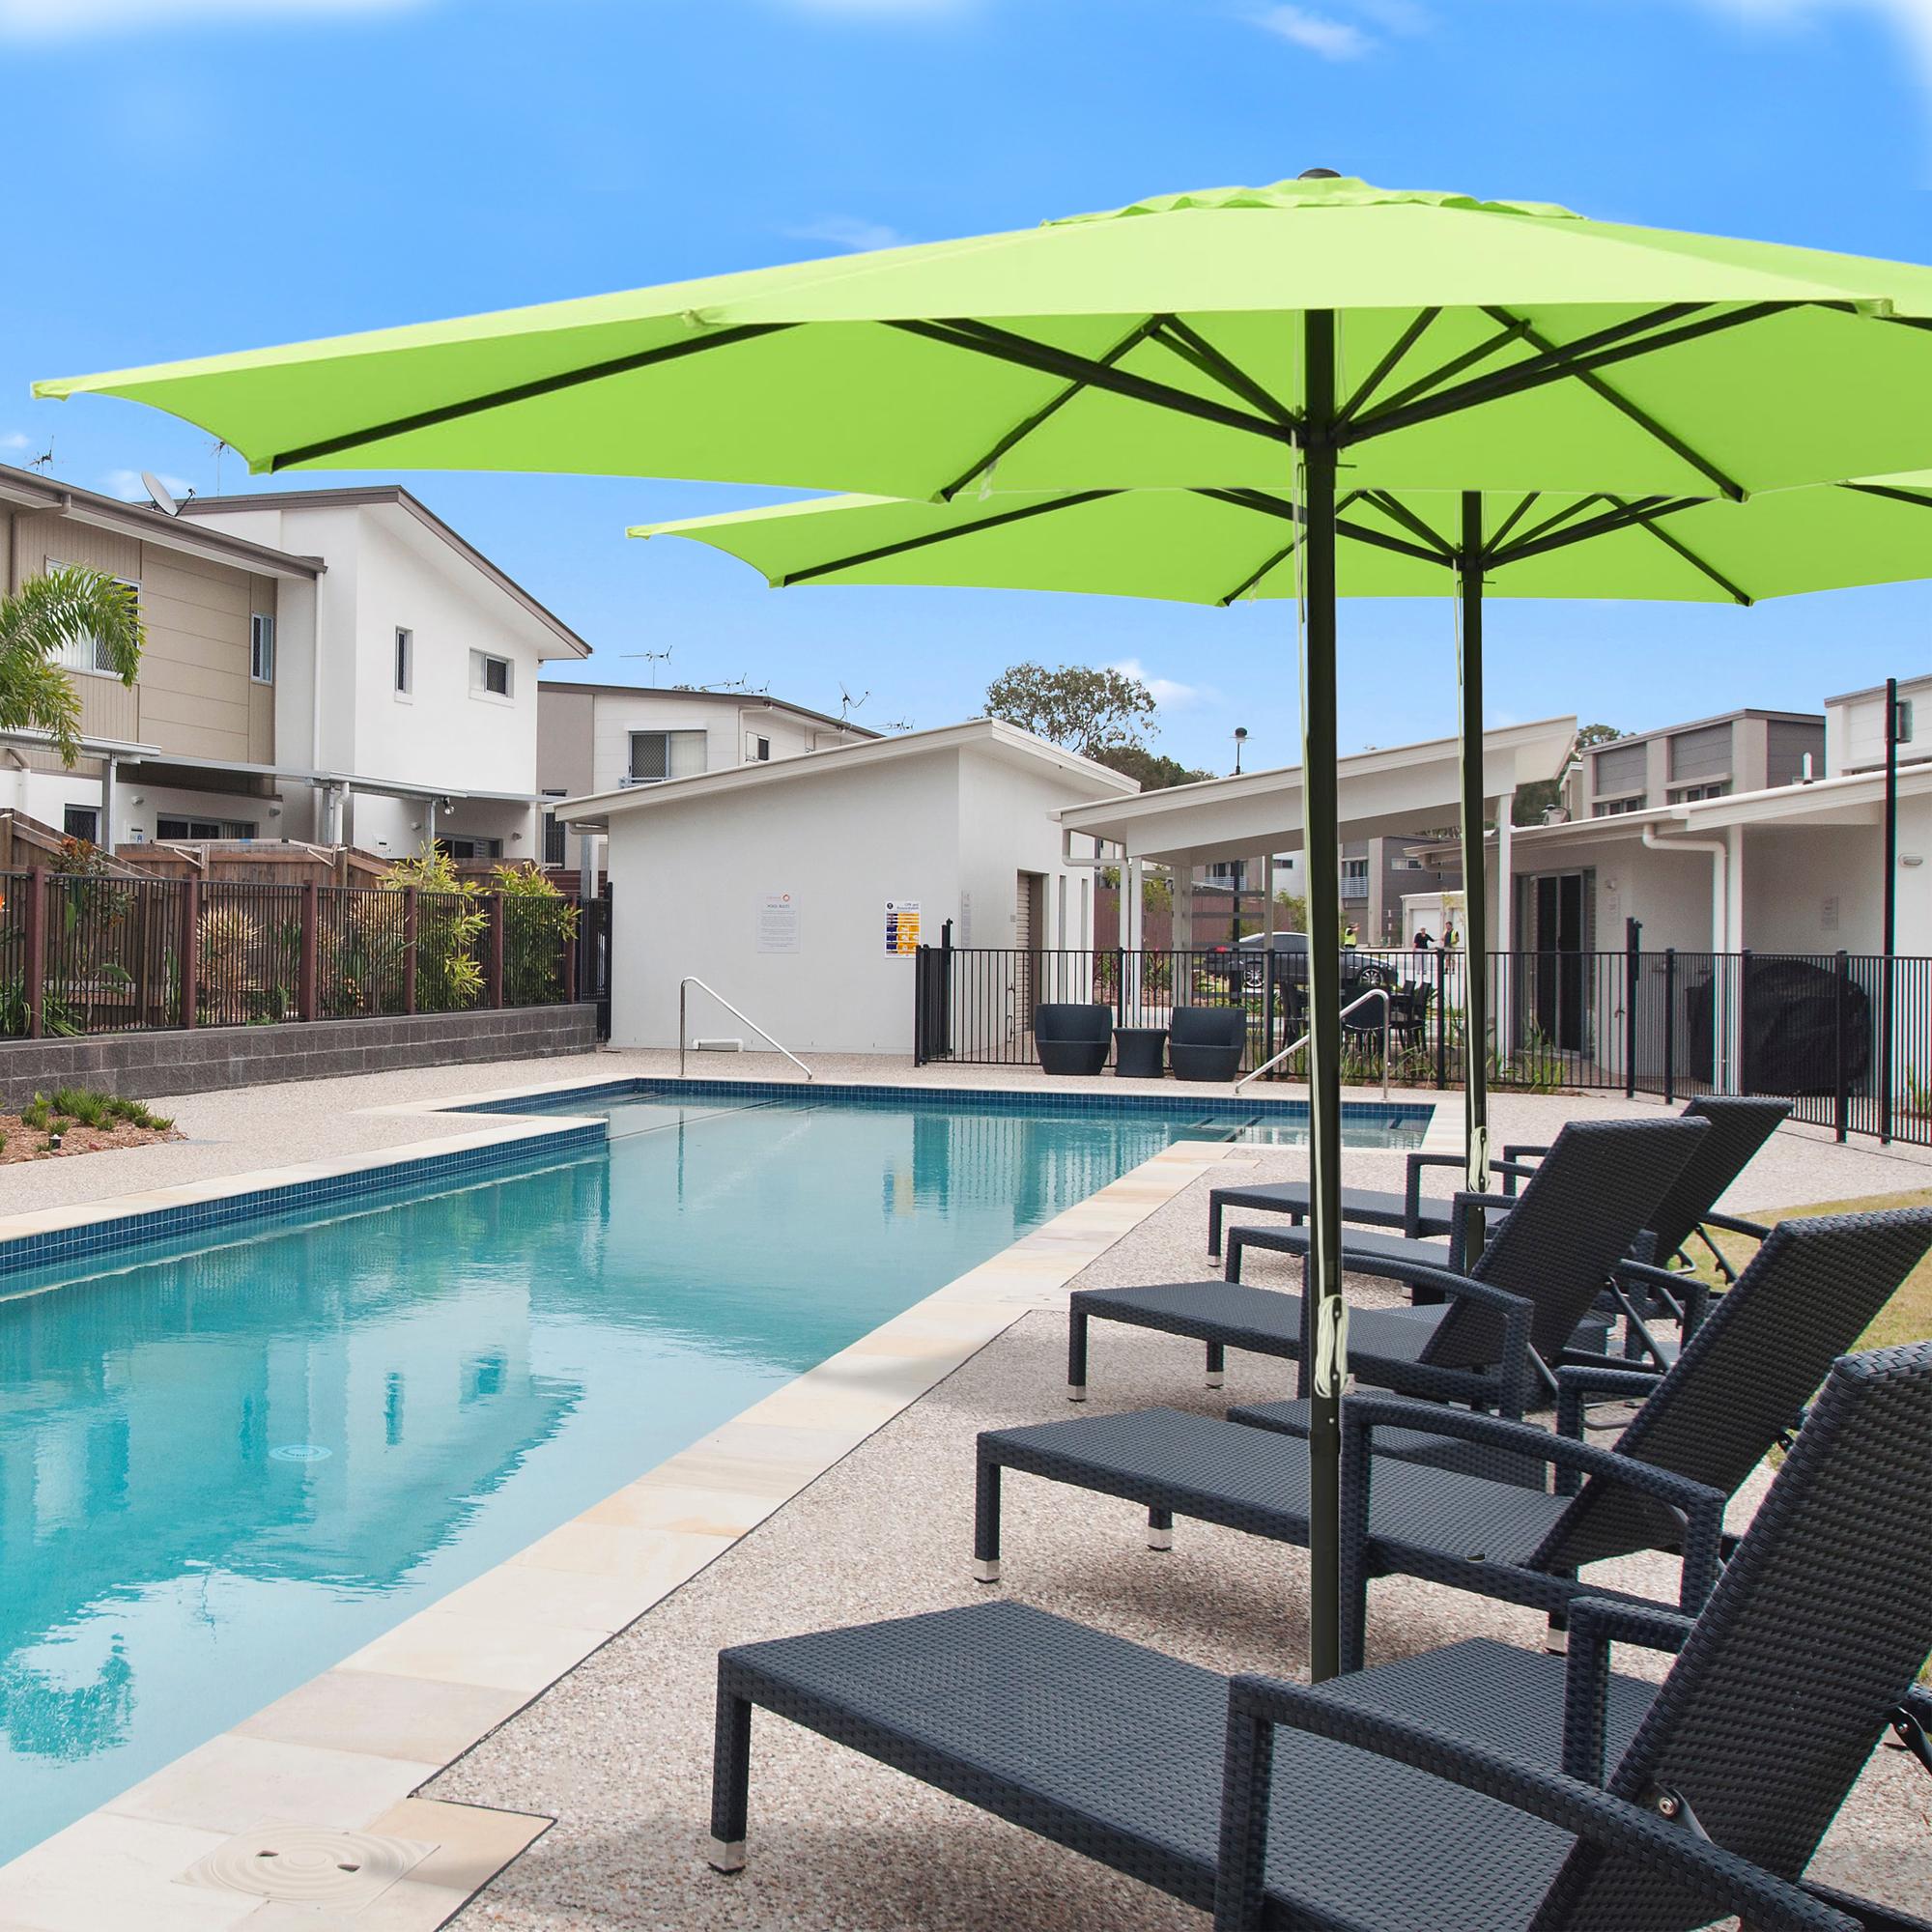 thumbnail 14 - 13' FT Sun Shade Patio Aluminum Umbrella UV30+ Outdoor Market Garden Beach Deck